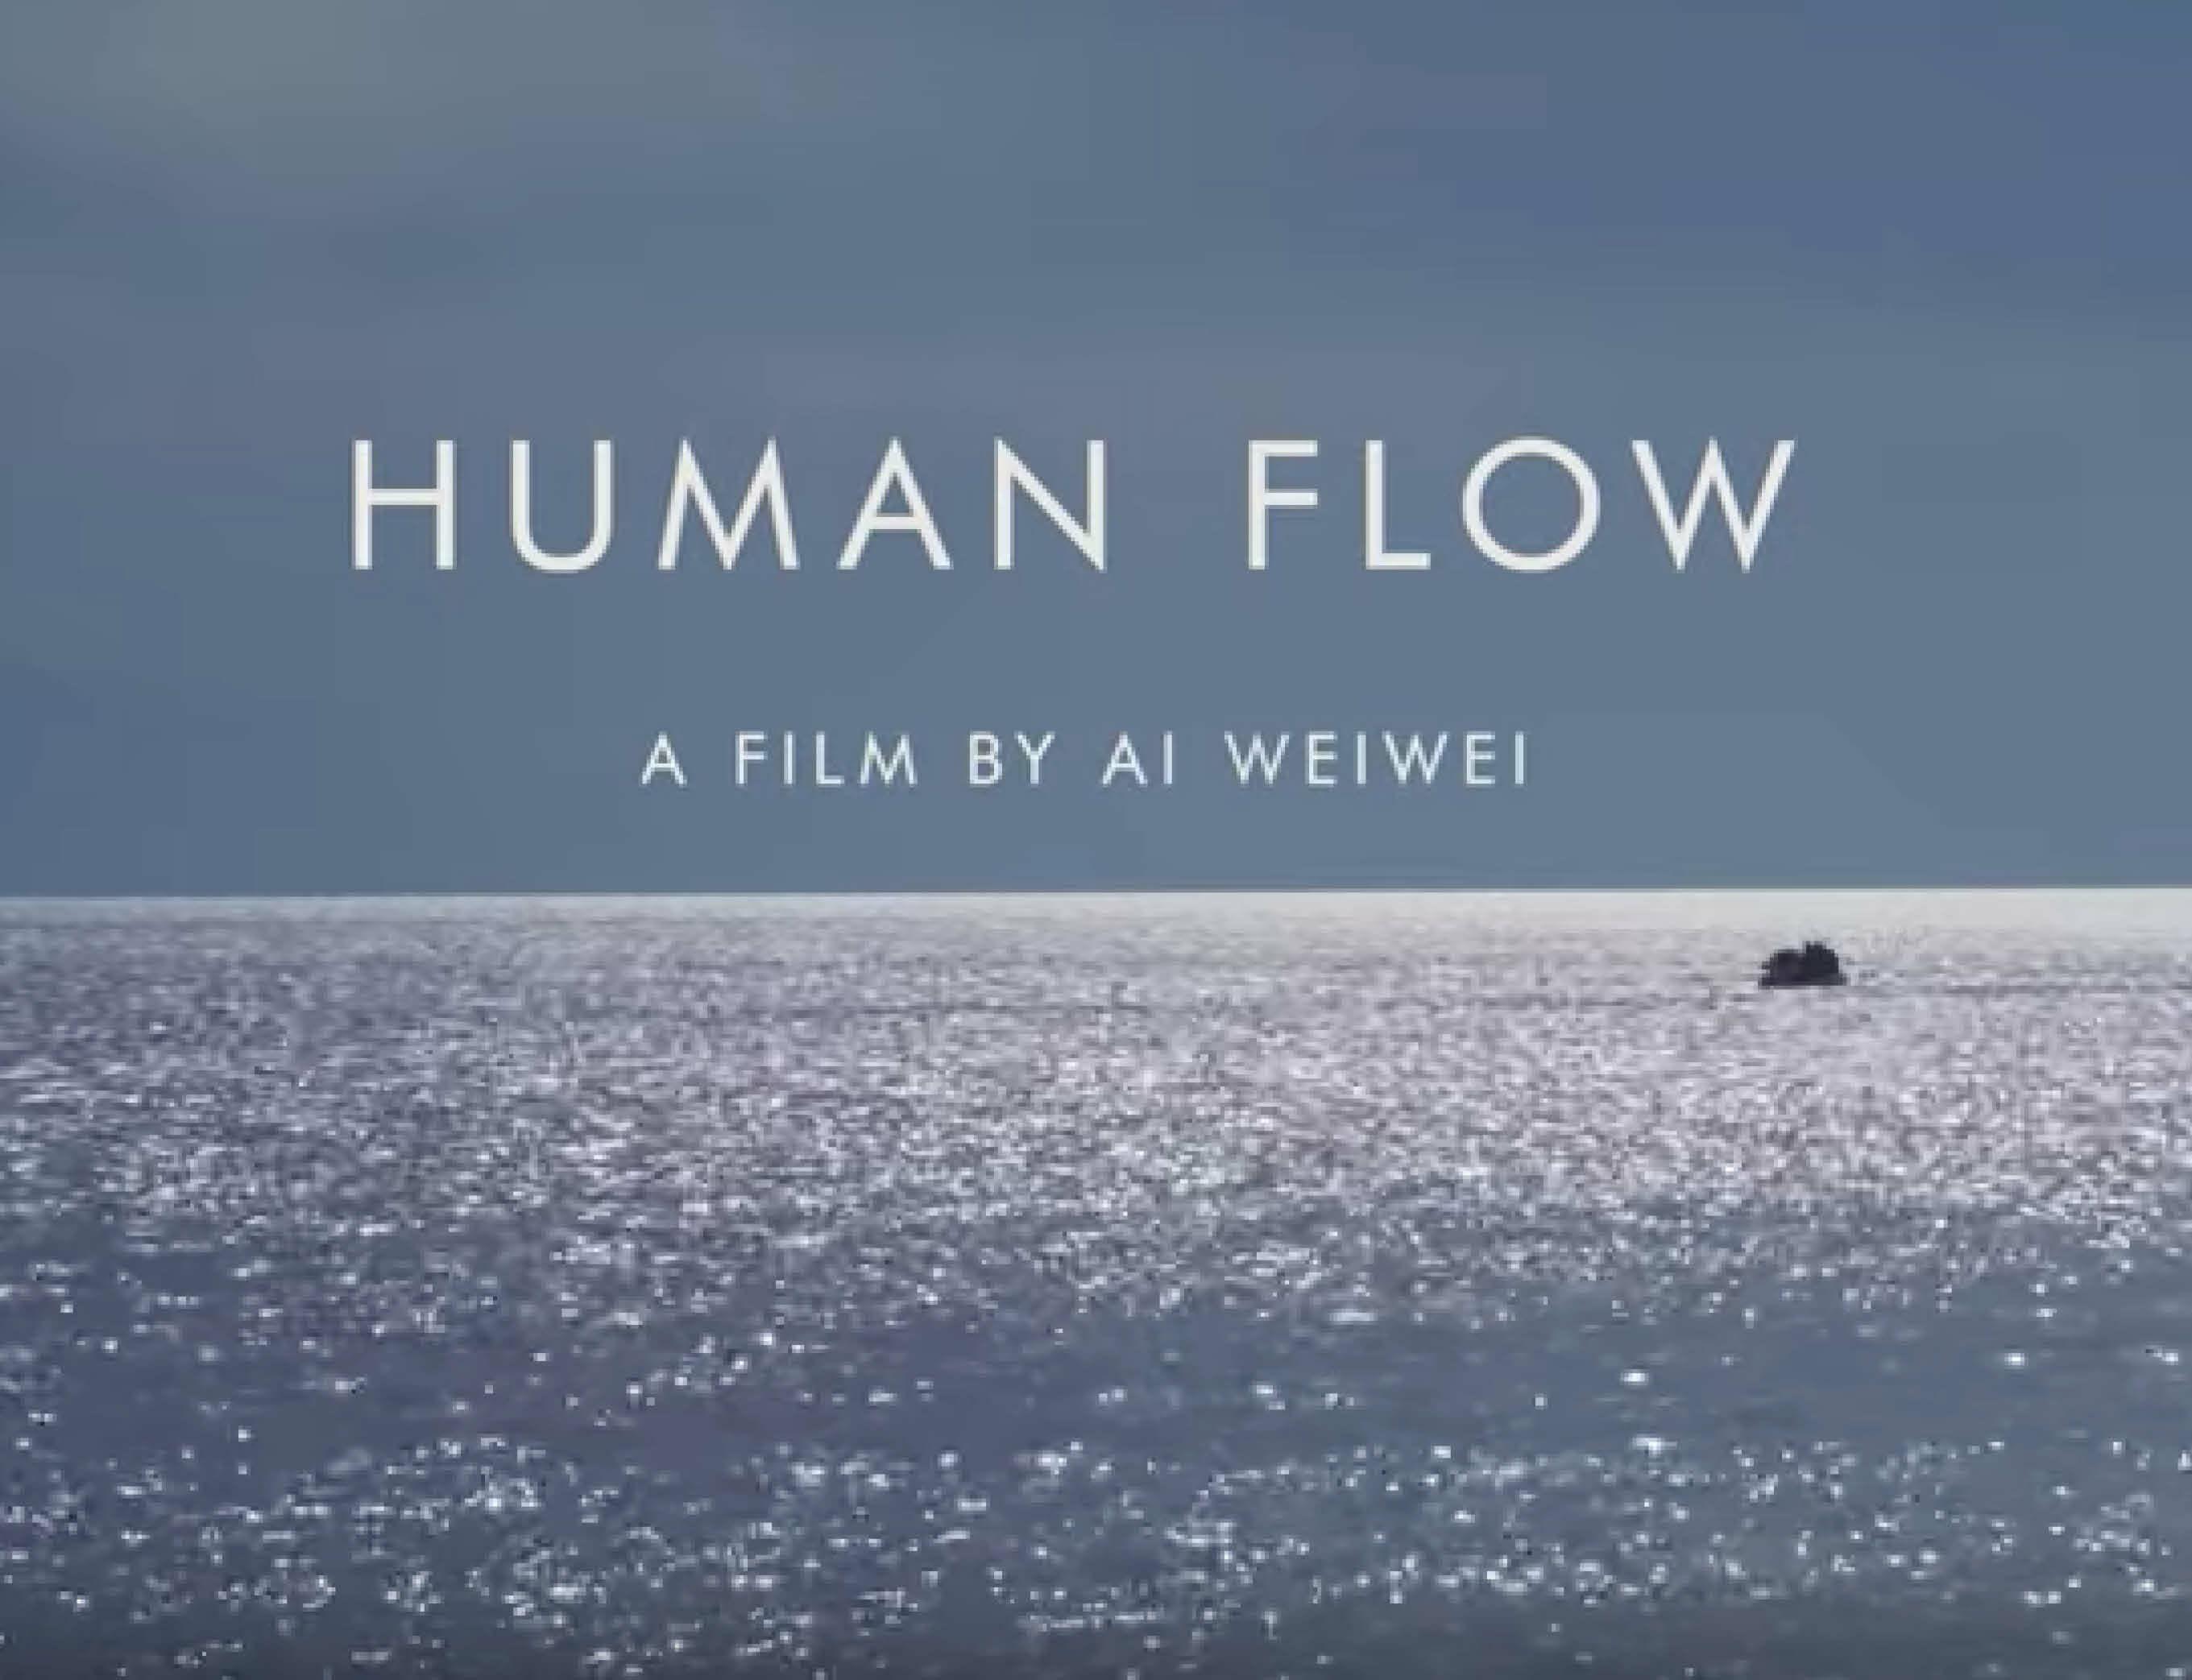 Human_flow_ai_weiwei